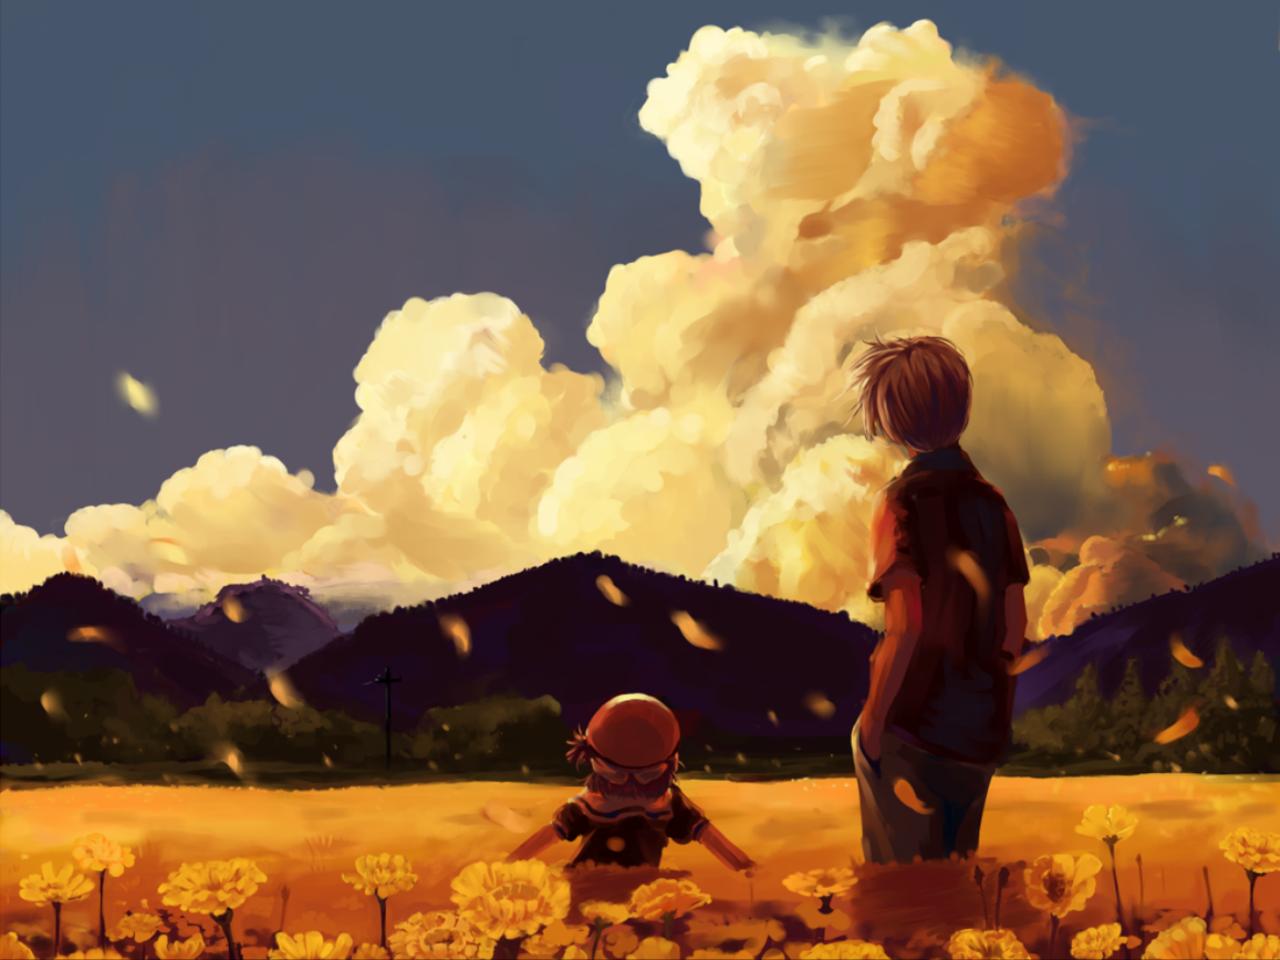 Anime Clannad Tomoya Okazaki Ushio Okazaki Wallpaper クラナド